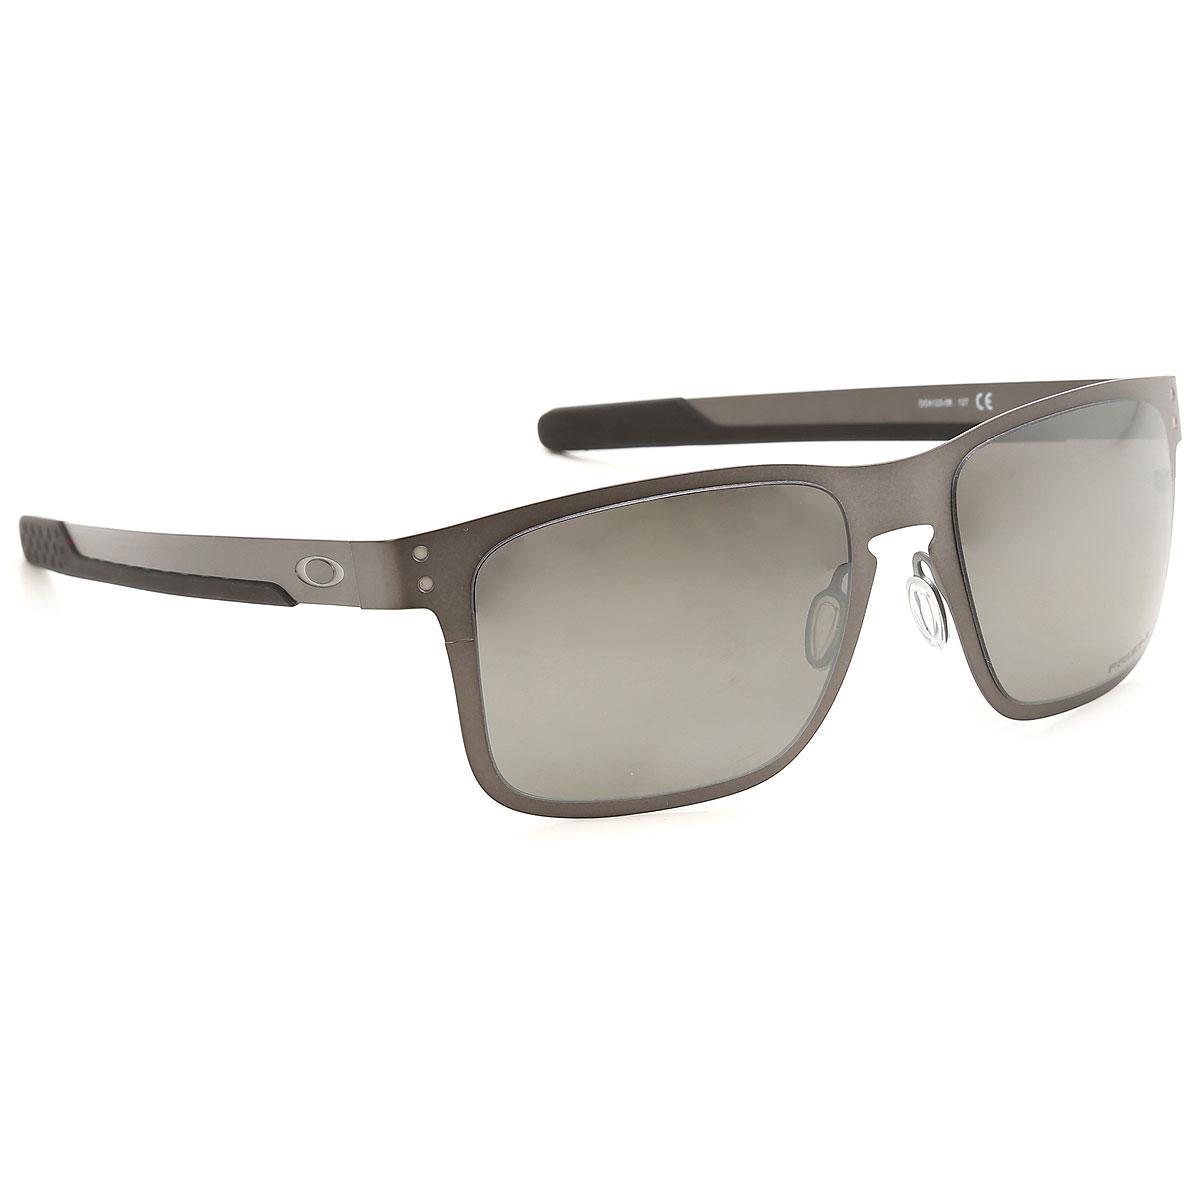 Oakley Sunglasses On Sale, Gunmetal, 2019